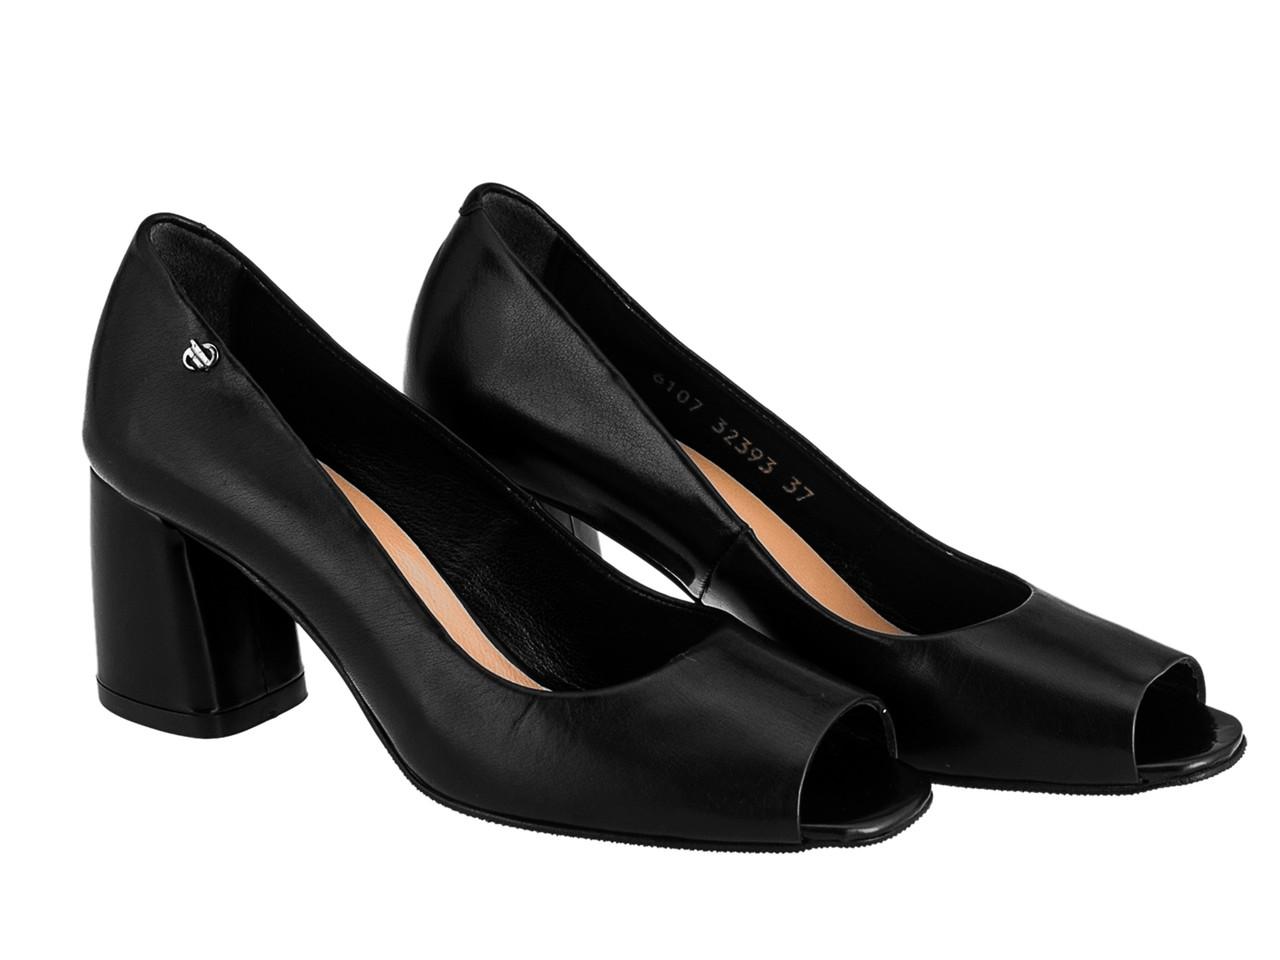 Туфлі Etor 6107-9-10407 36 чорні